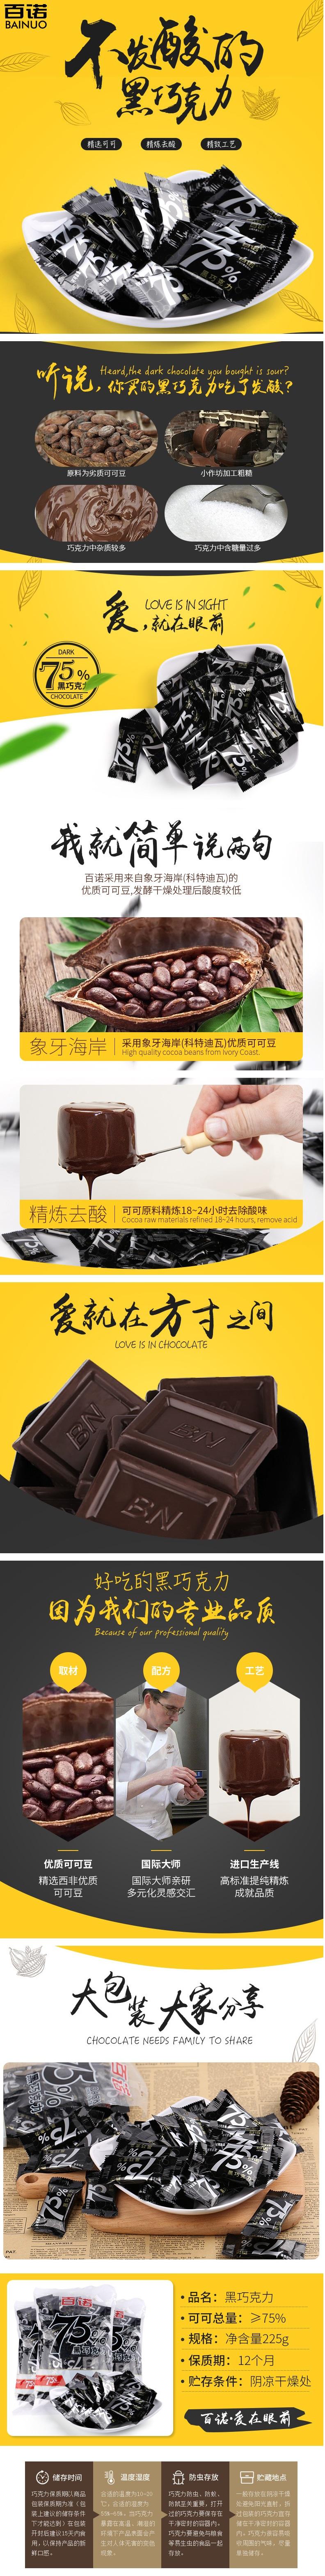 上海特产  百诺黑巧克力排块办公室休闲食品年货零食 75%纯可可脂225克